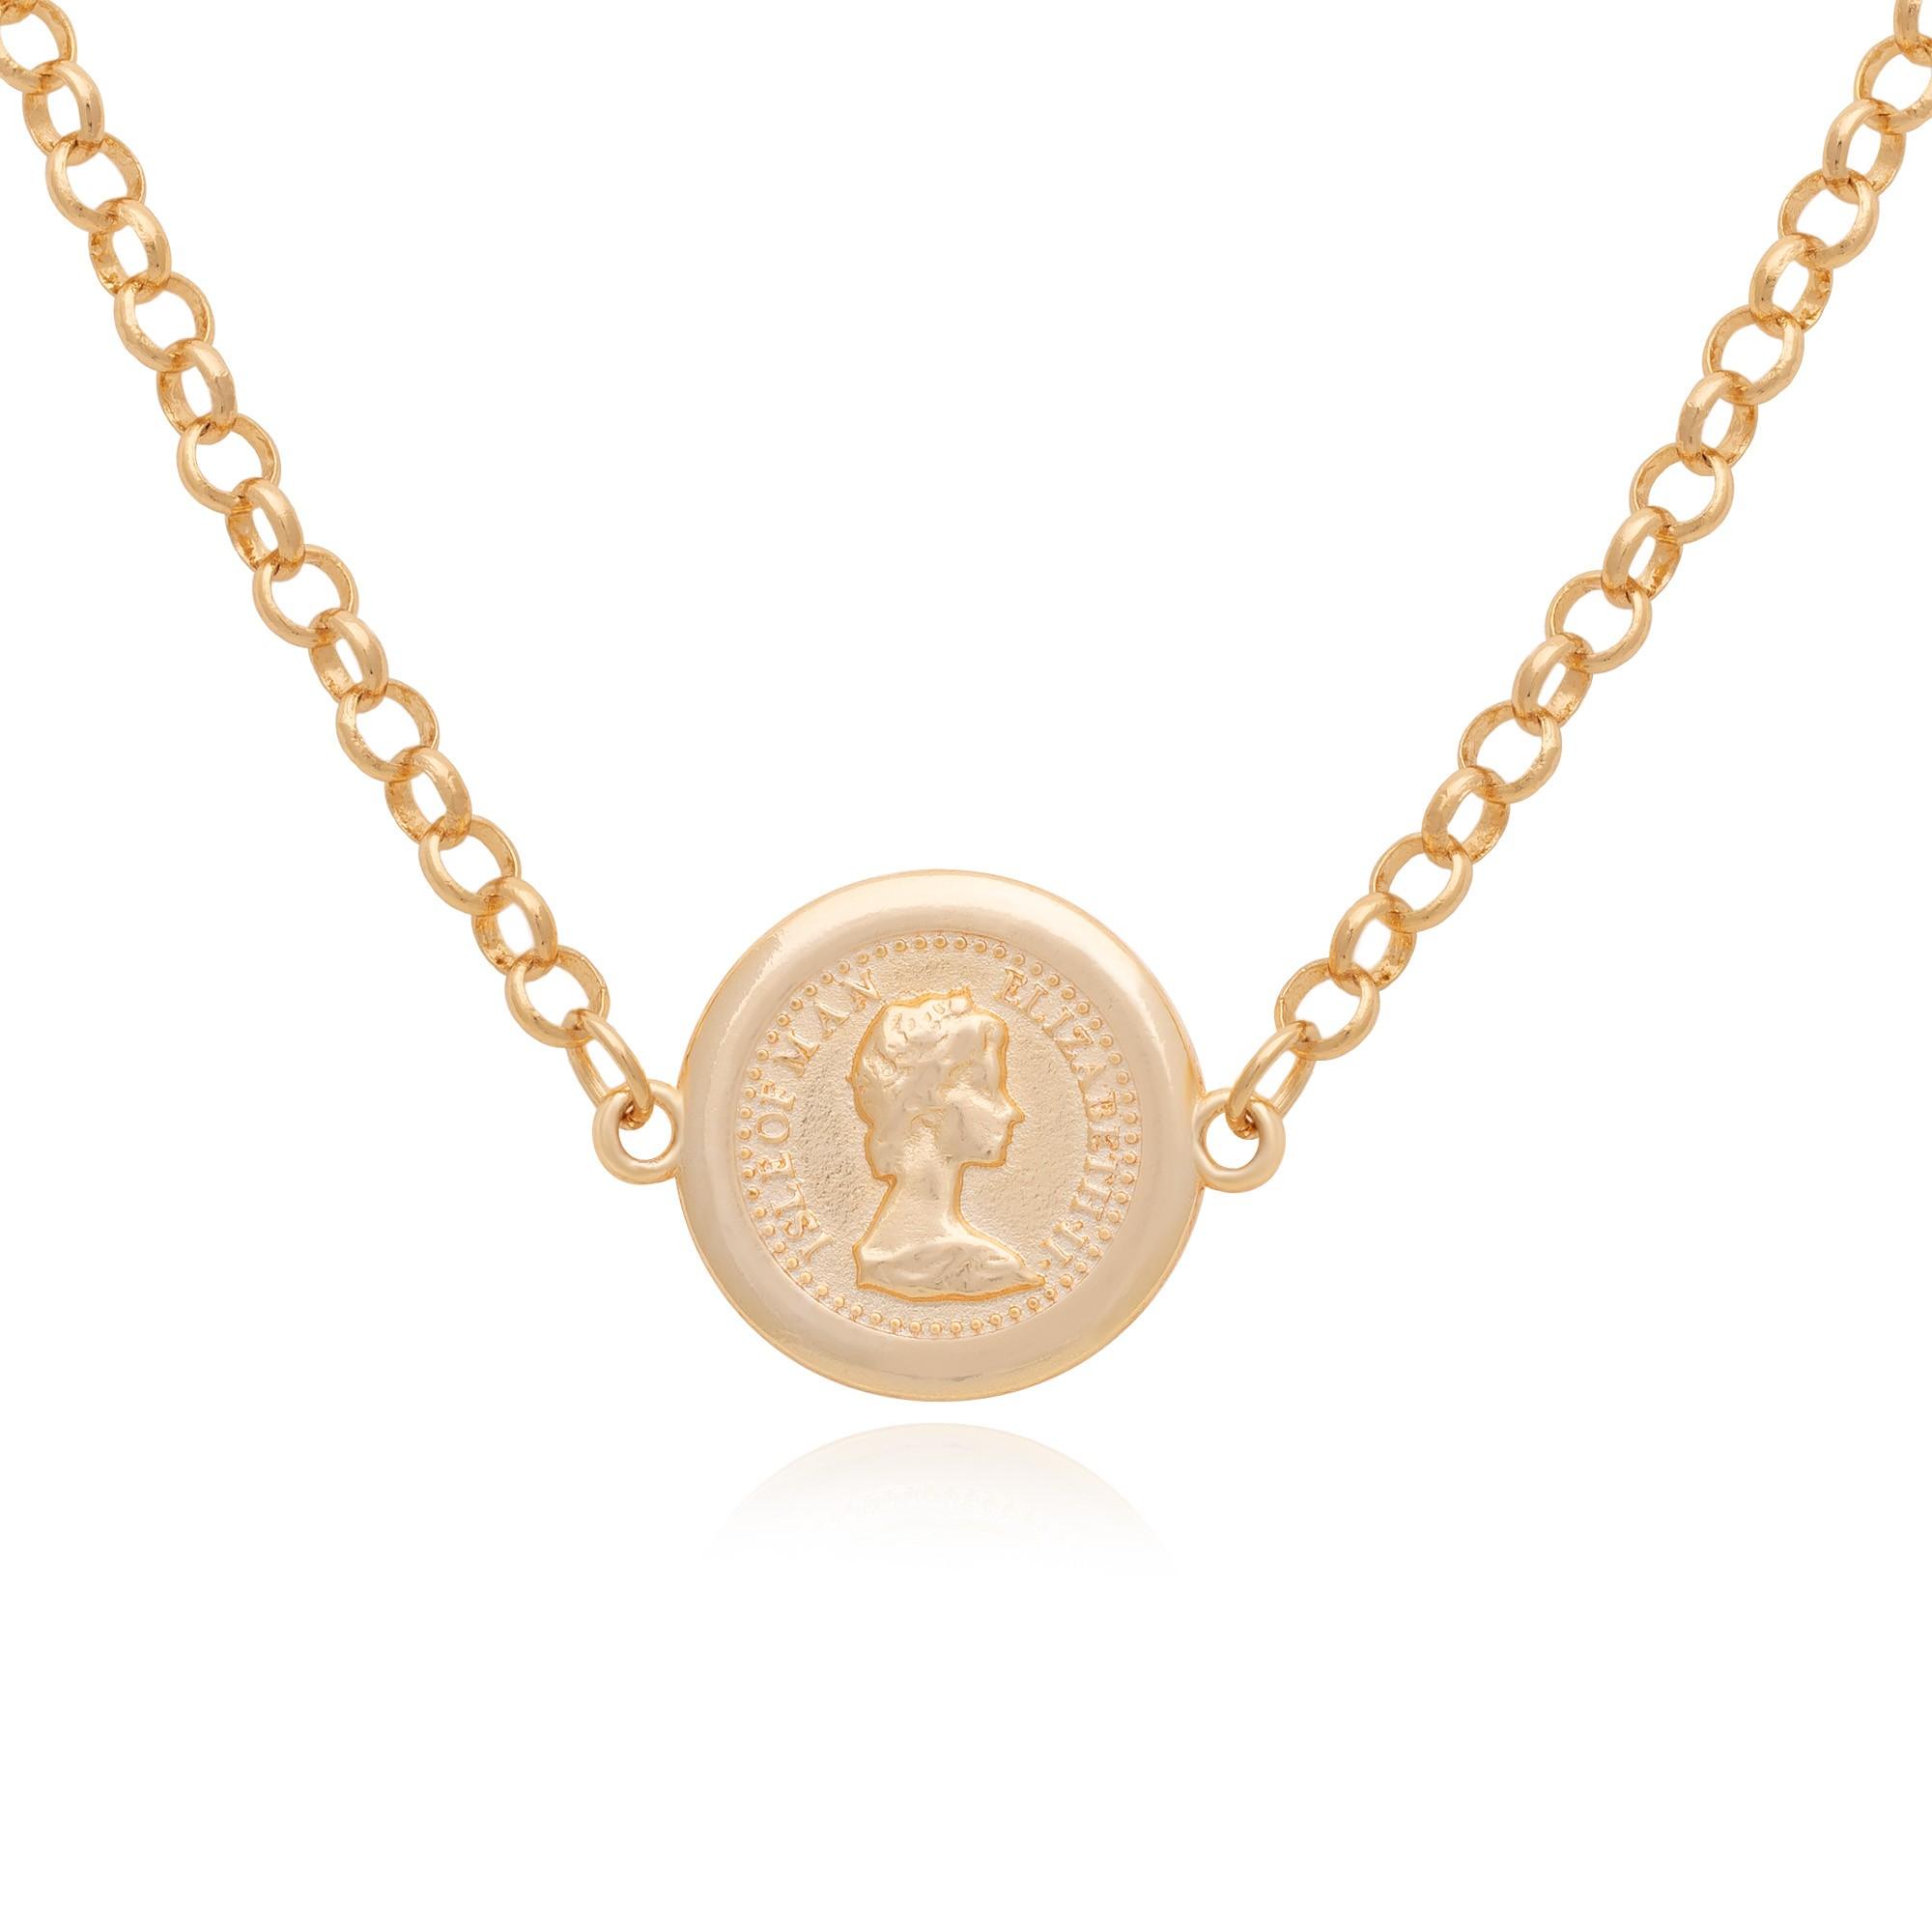 Colar moeda com corrente elo português banhado à ouro 18k.  - bfdecor.com.br